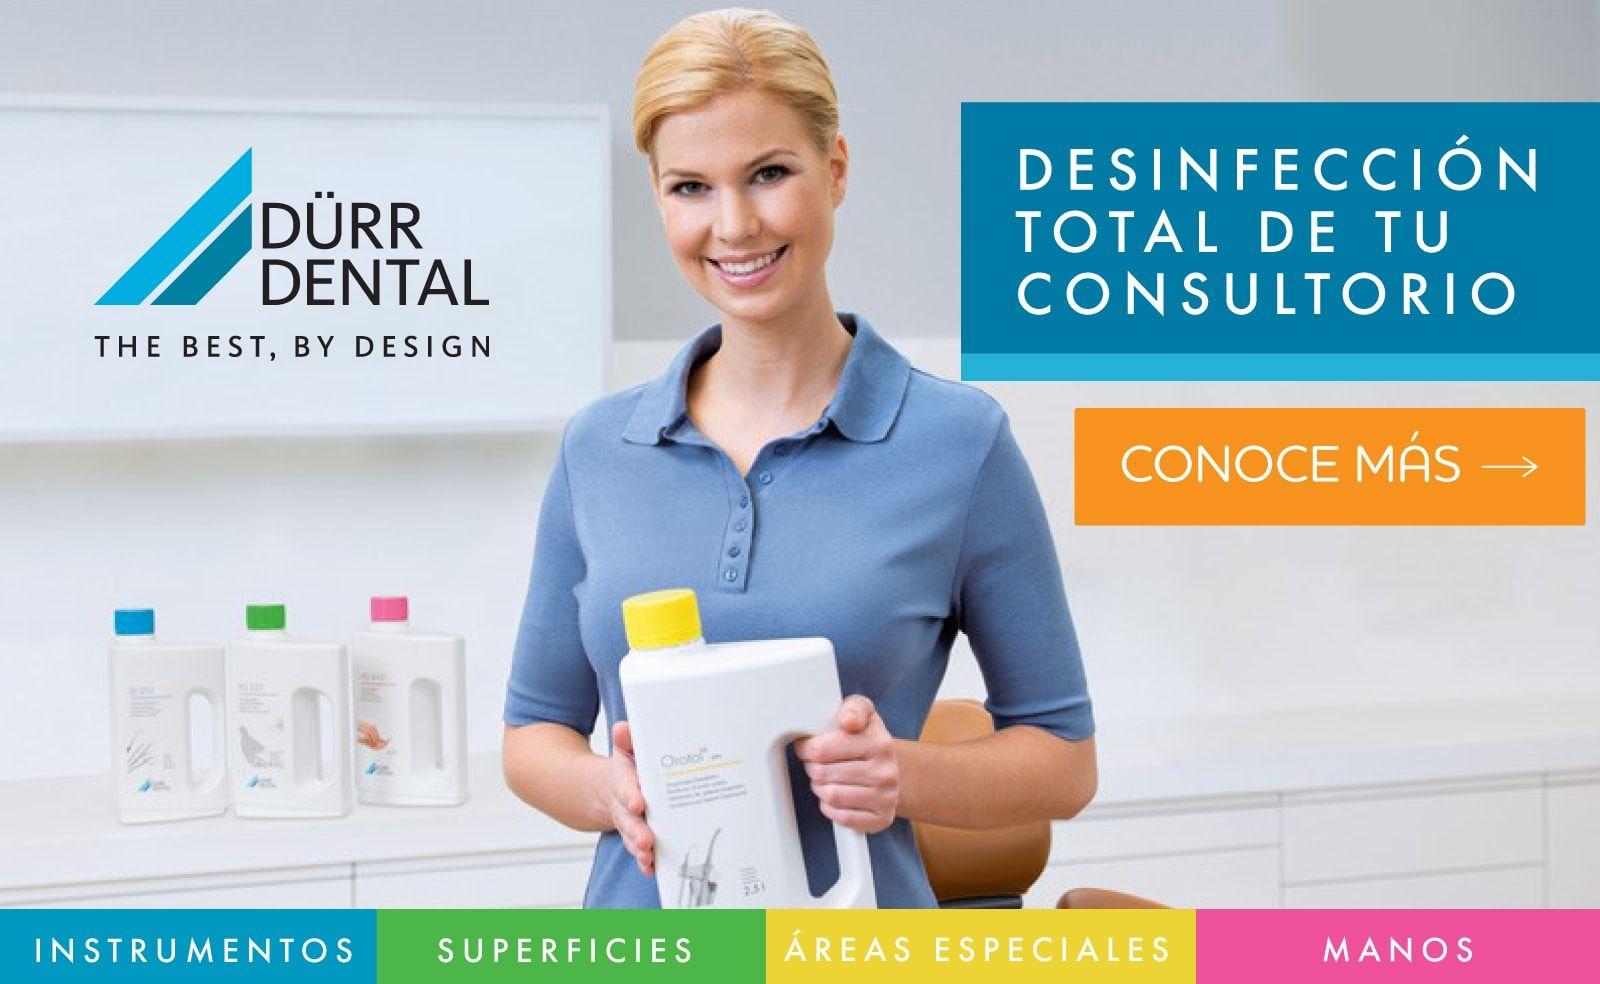 Desinfección total de tu consultorio materiales dentales Home banner durr 2